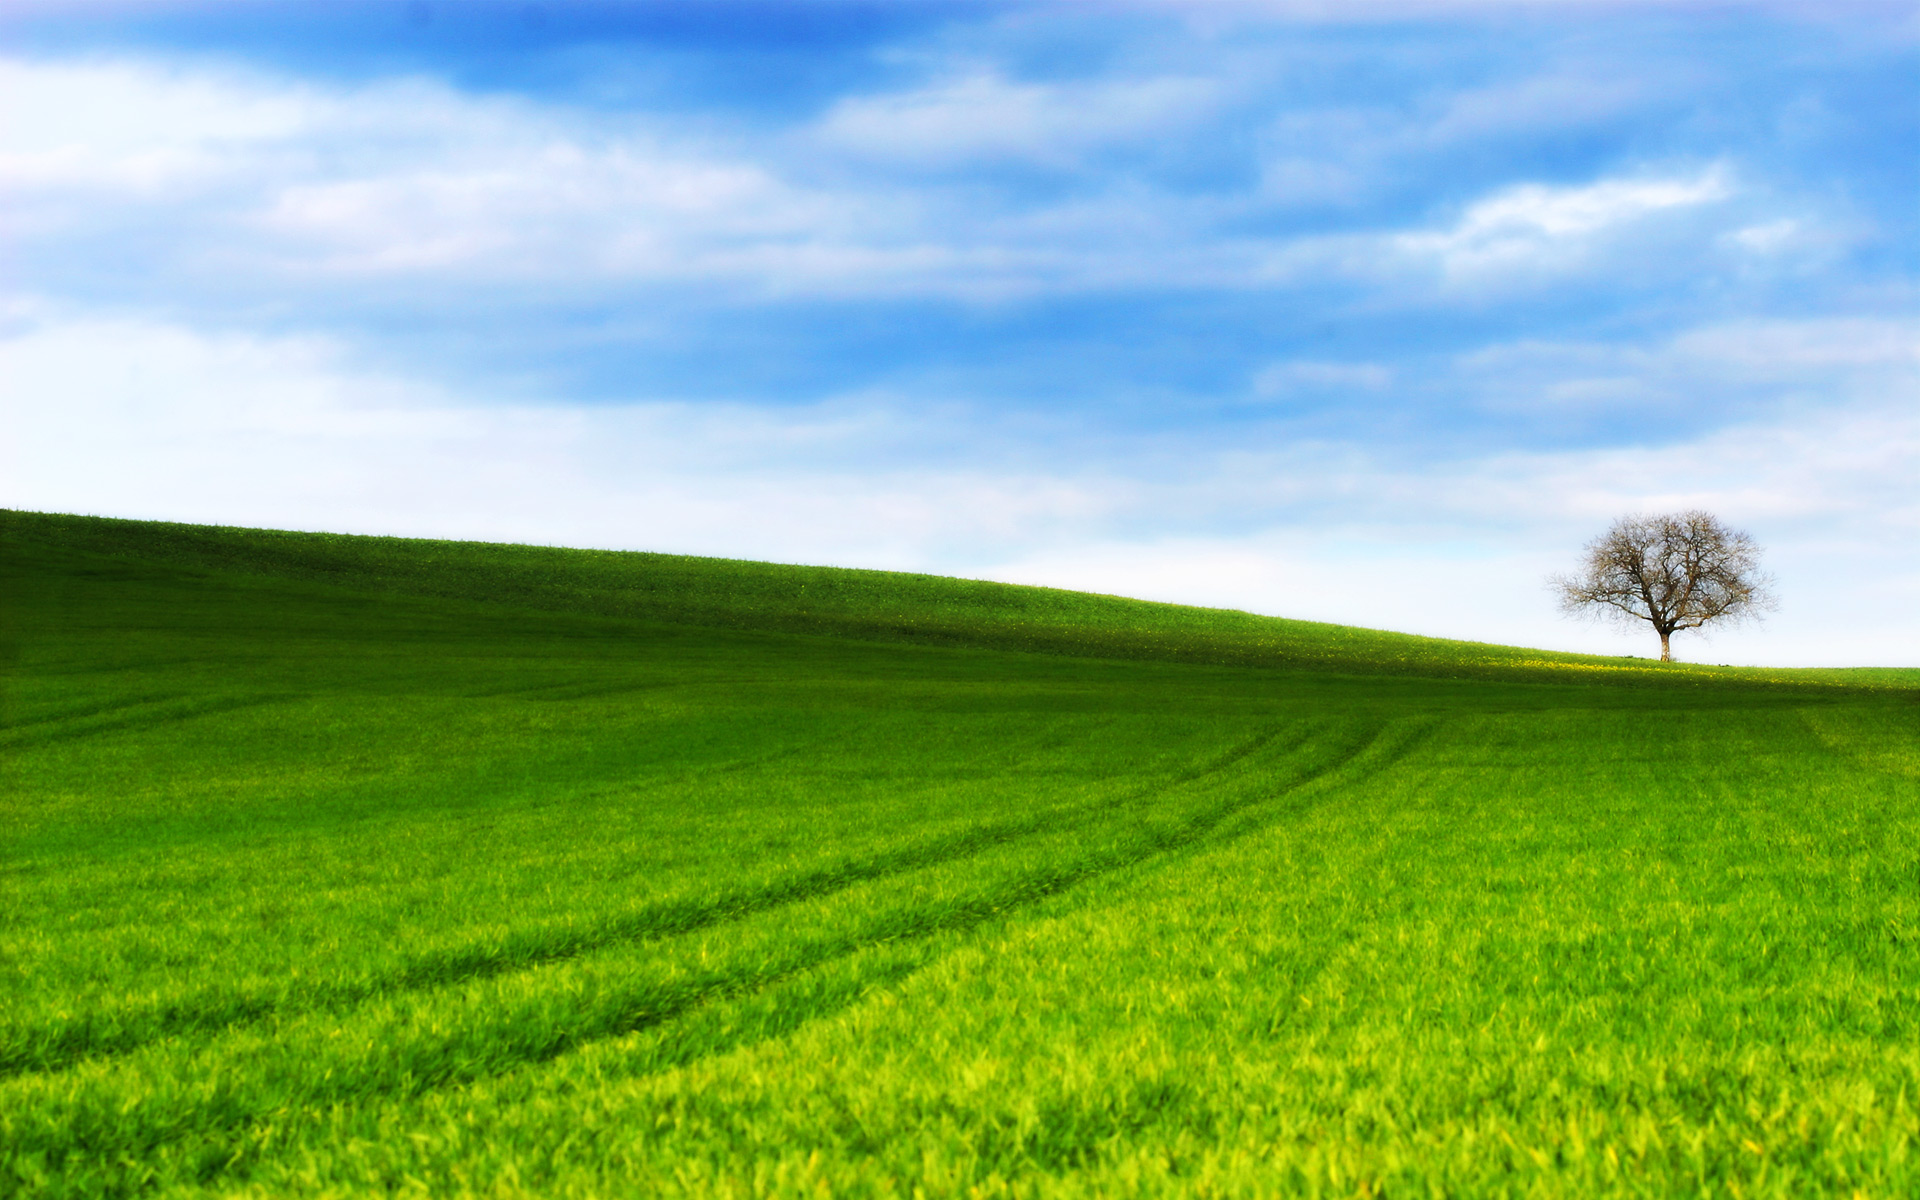 Grassy Hill by ryanstfu